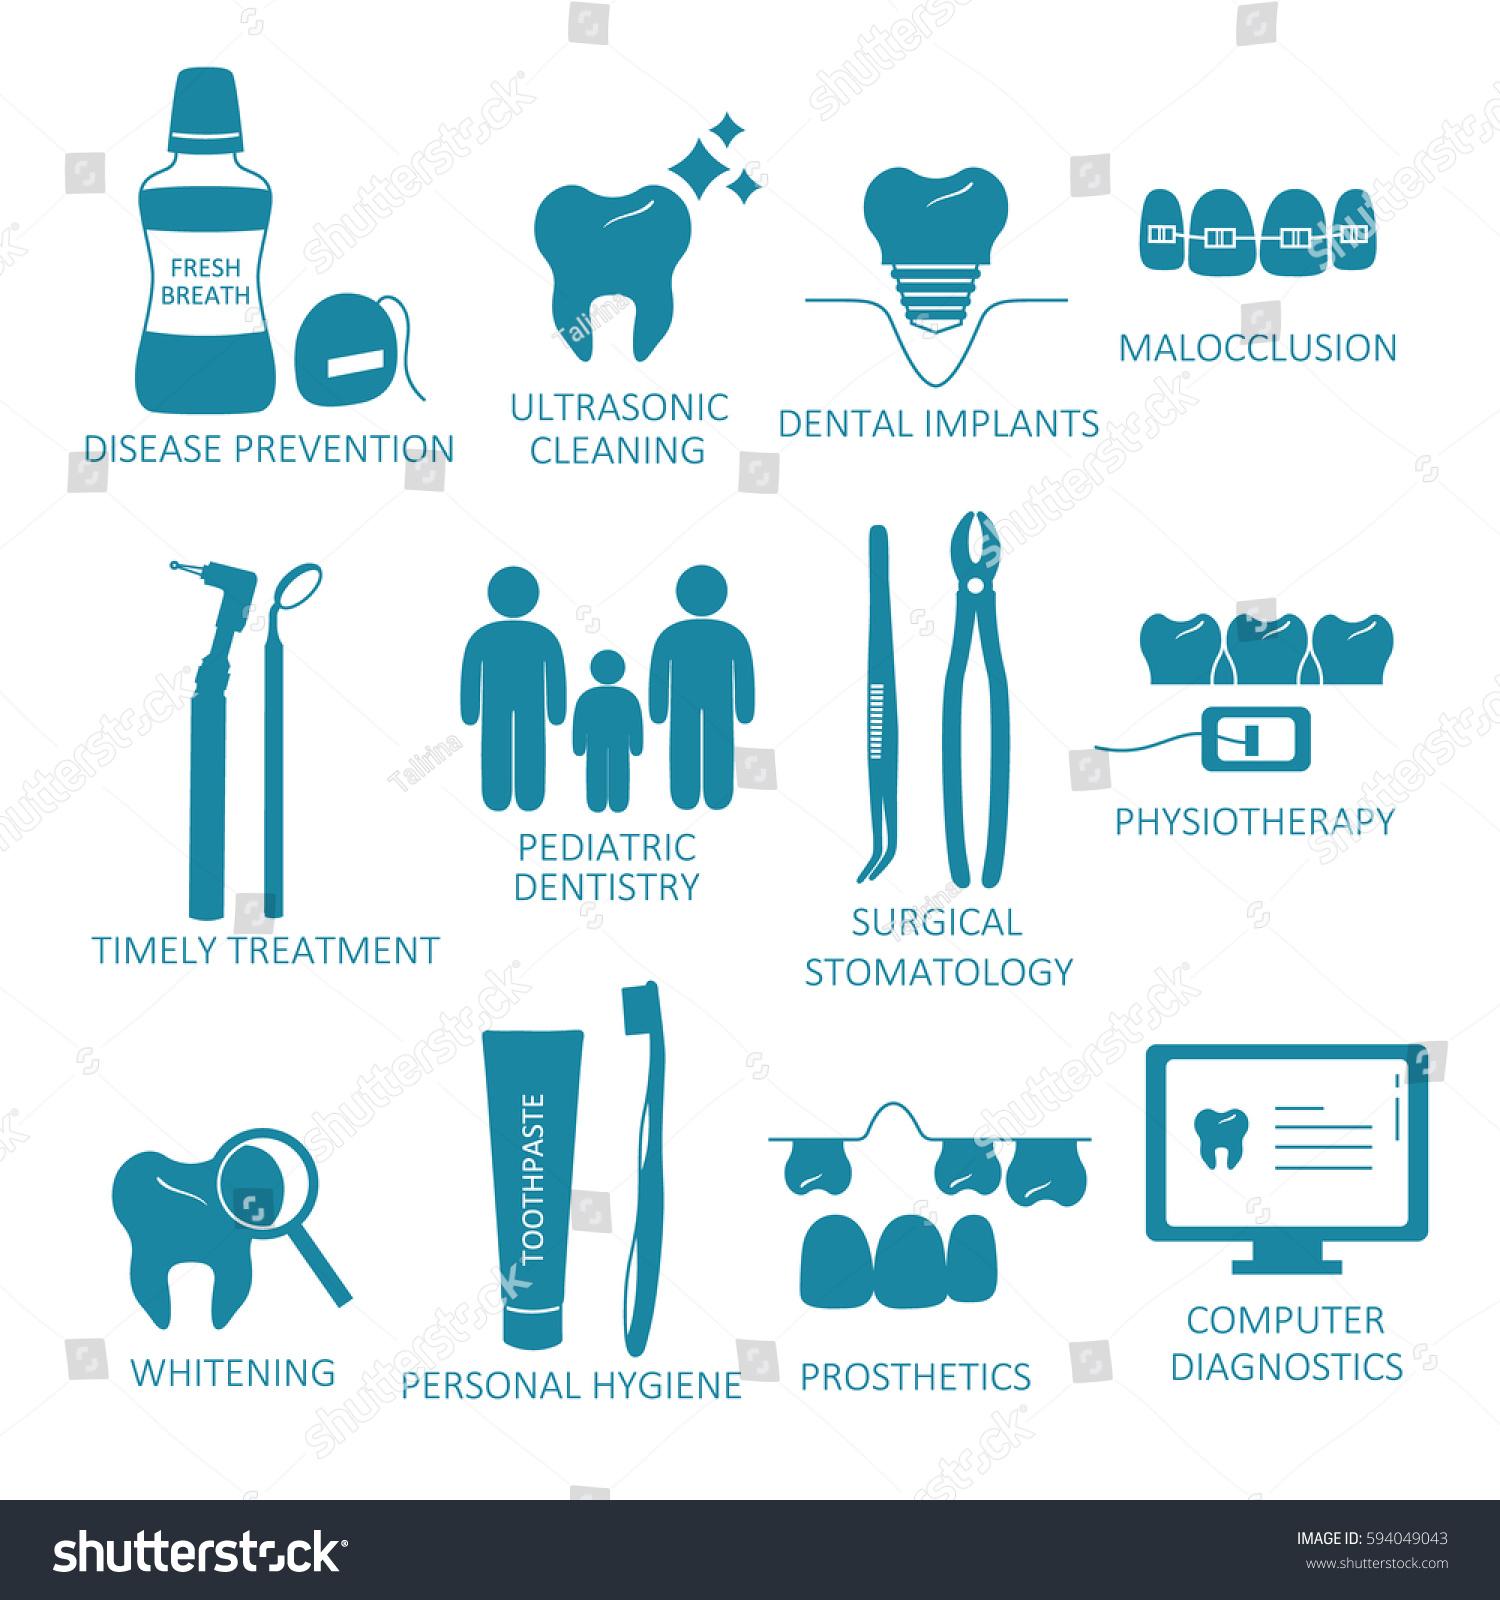 Poster design medical - Medical Illustration With Set Of Dental Symbols Poster Design Or Backdrop Teeth And Dental